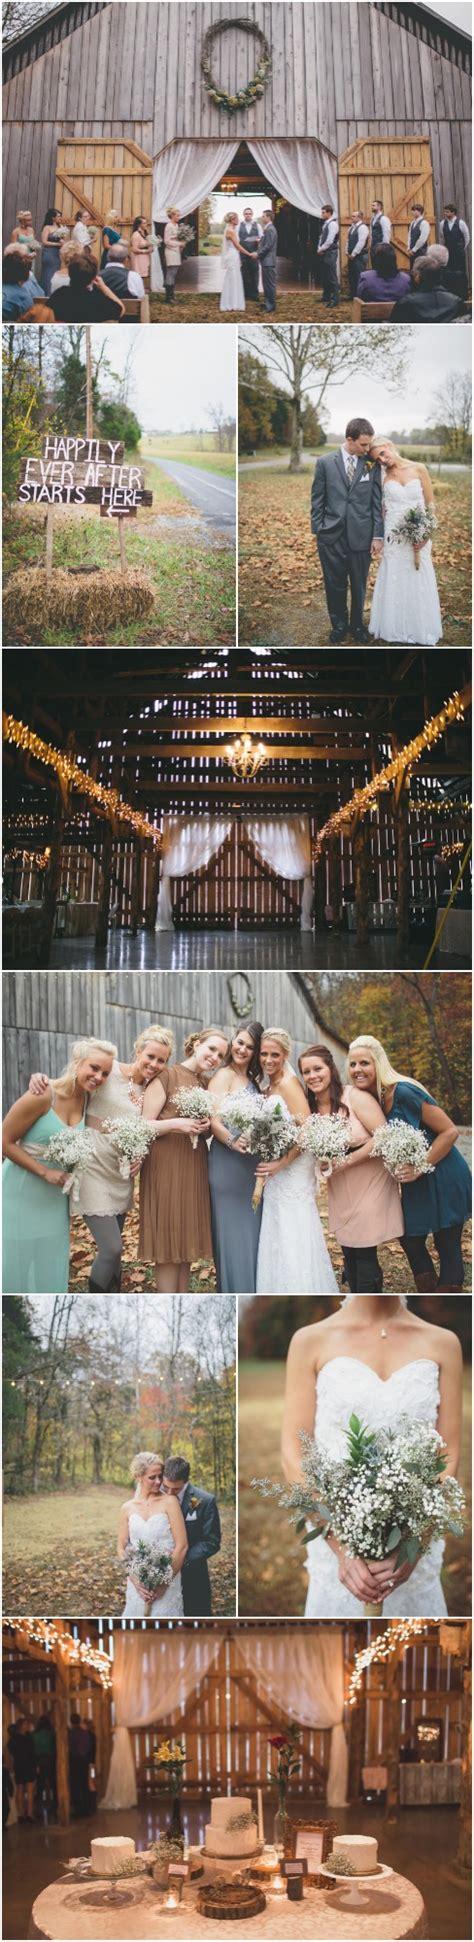 vintage style farm barn wedding rustic wedding chic